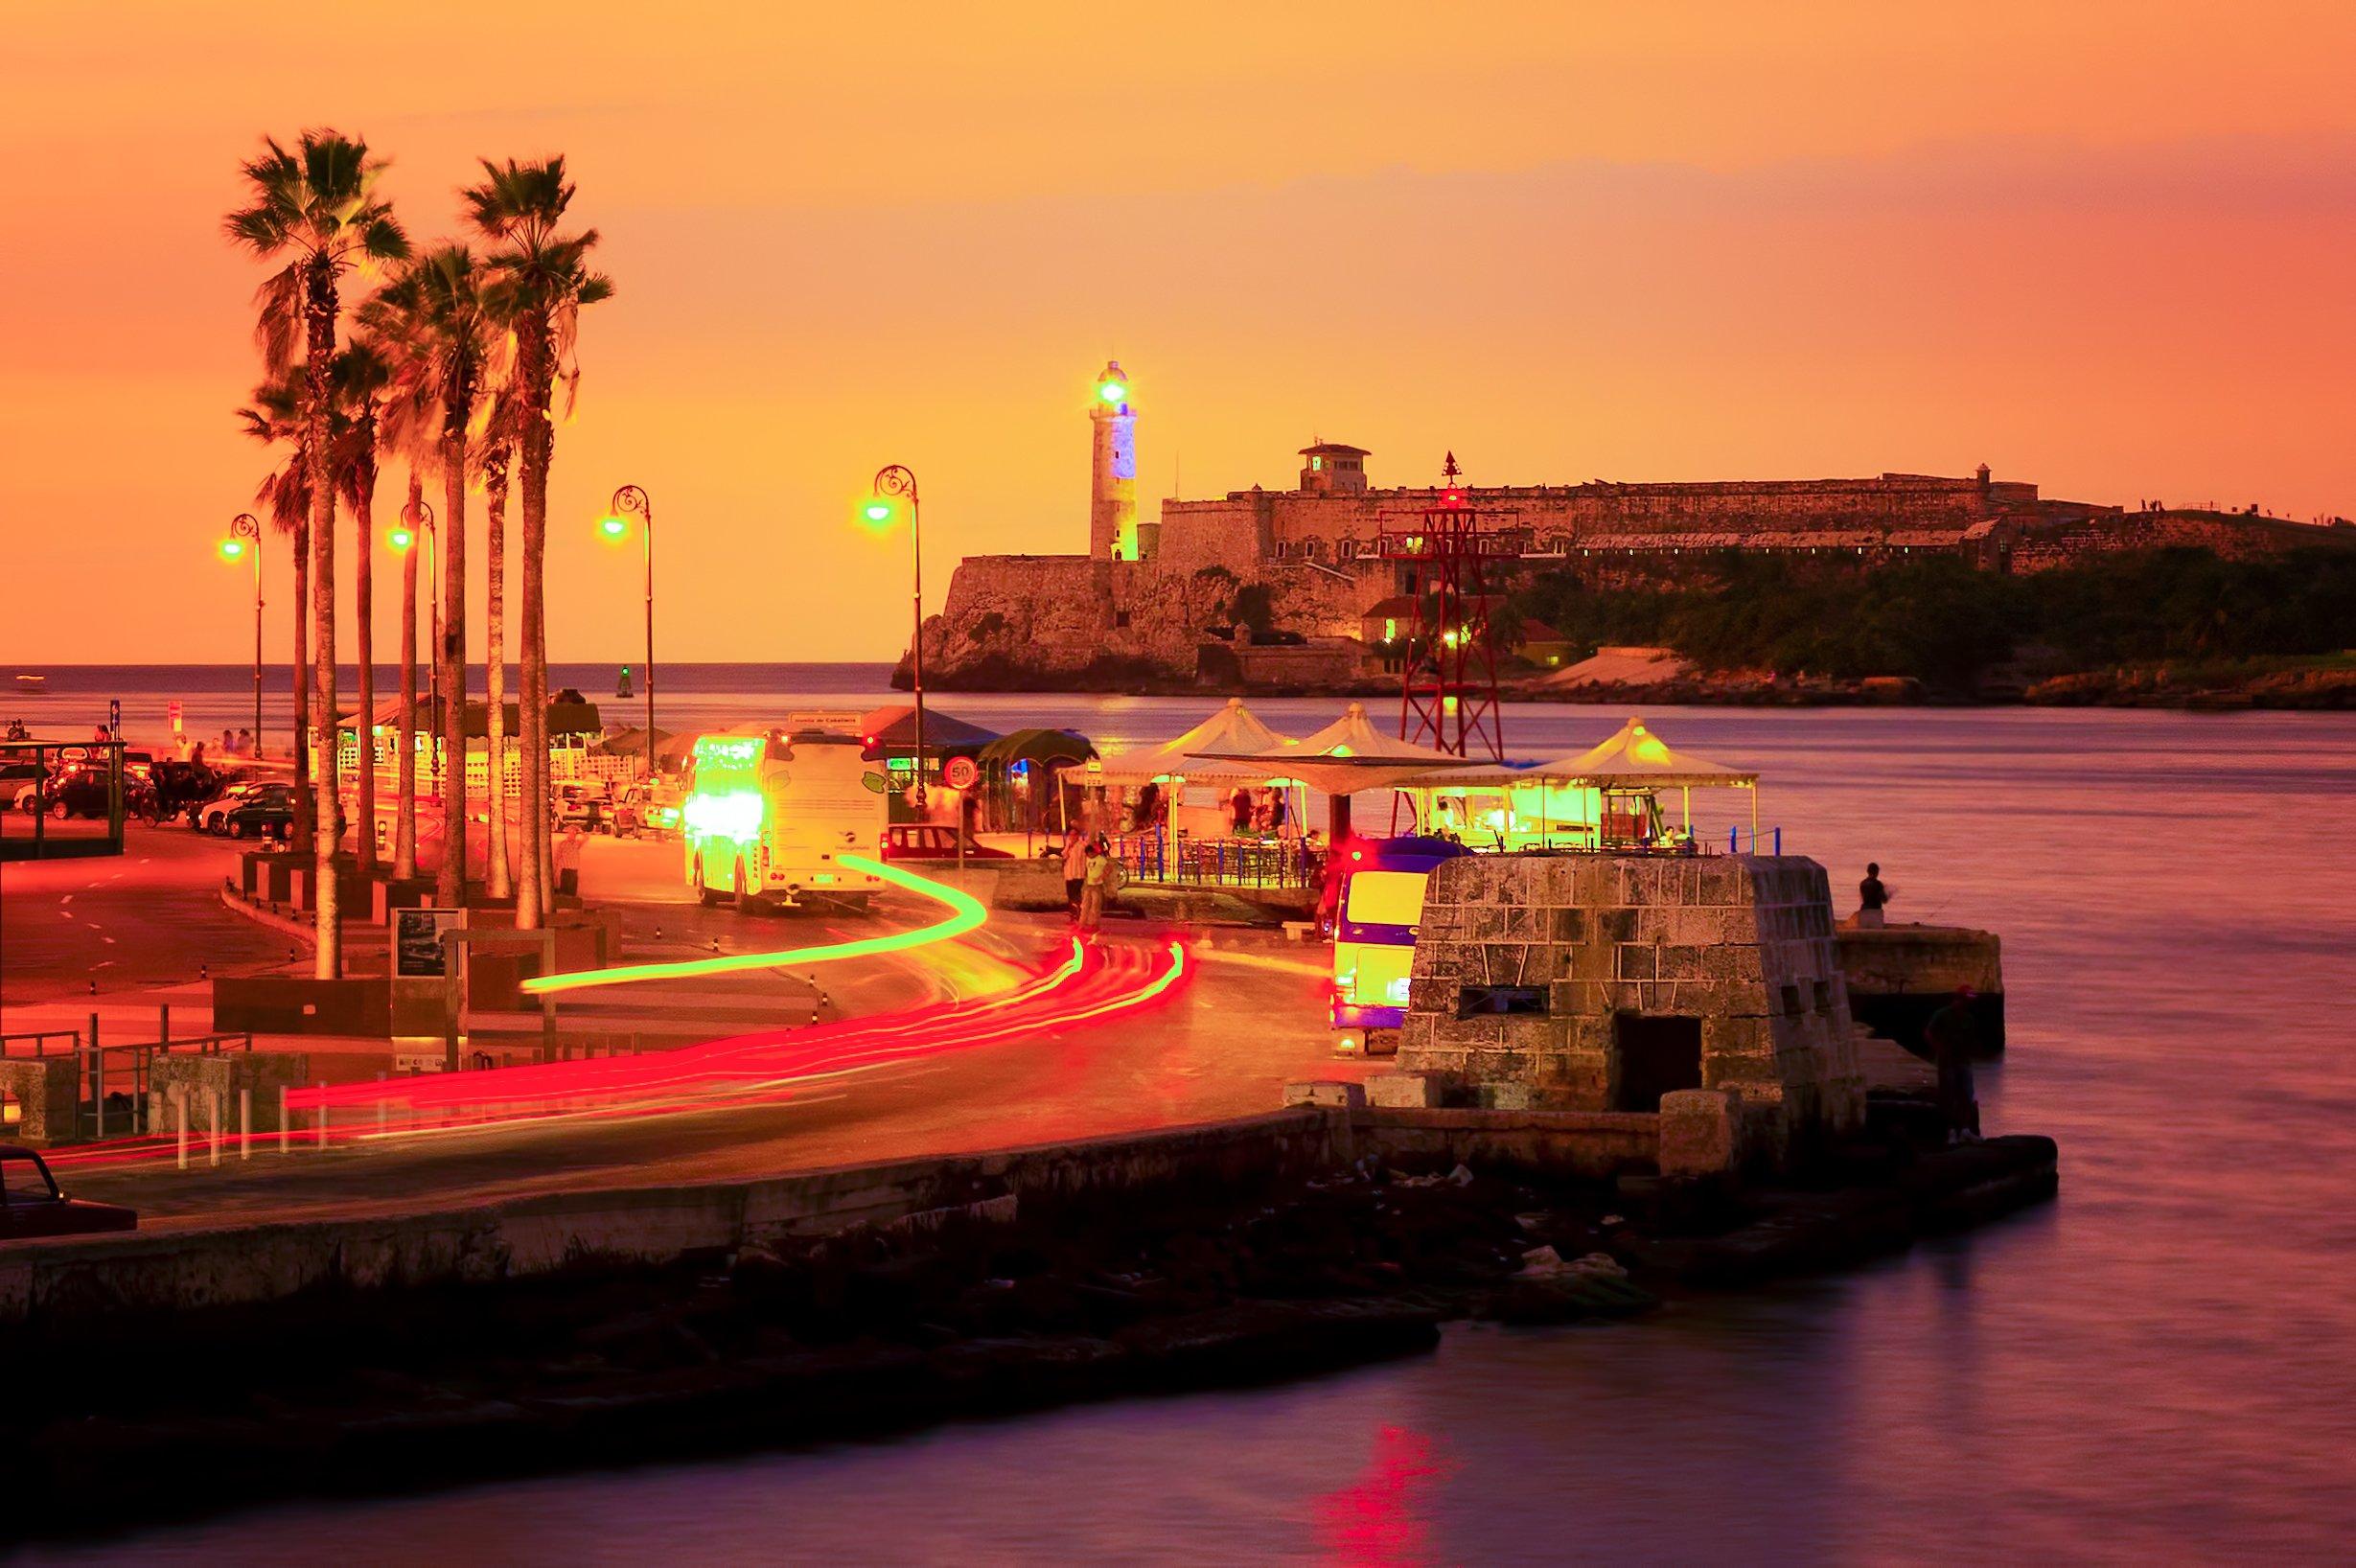 https://www.caravan-serai.com/wp-content/uploads/2015/04/Havana-Bay-1.jpg